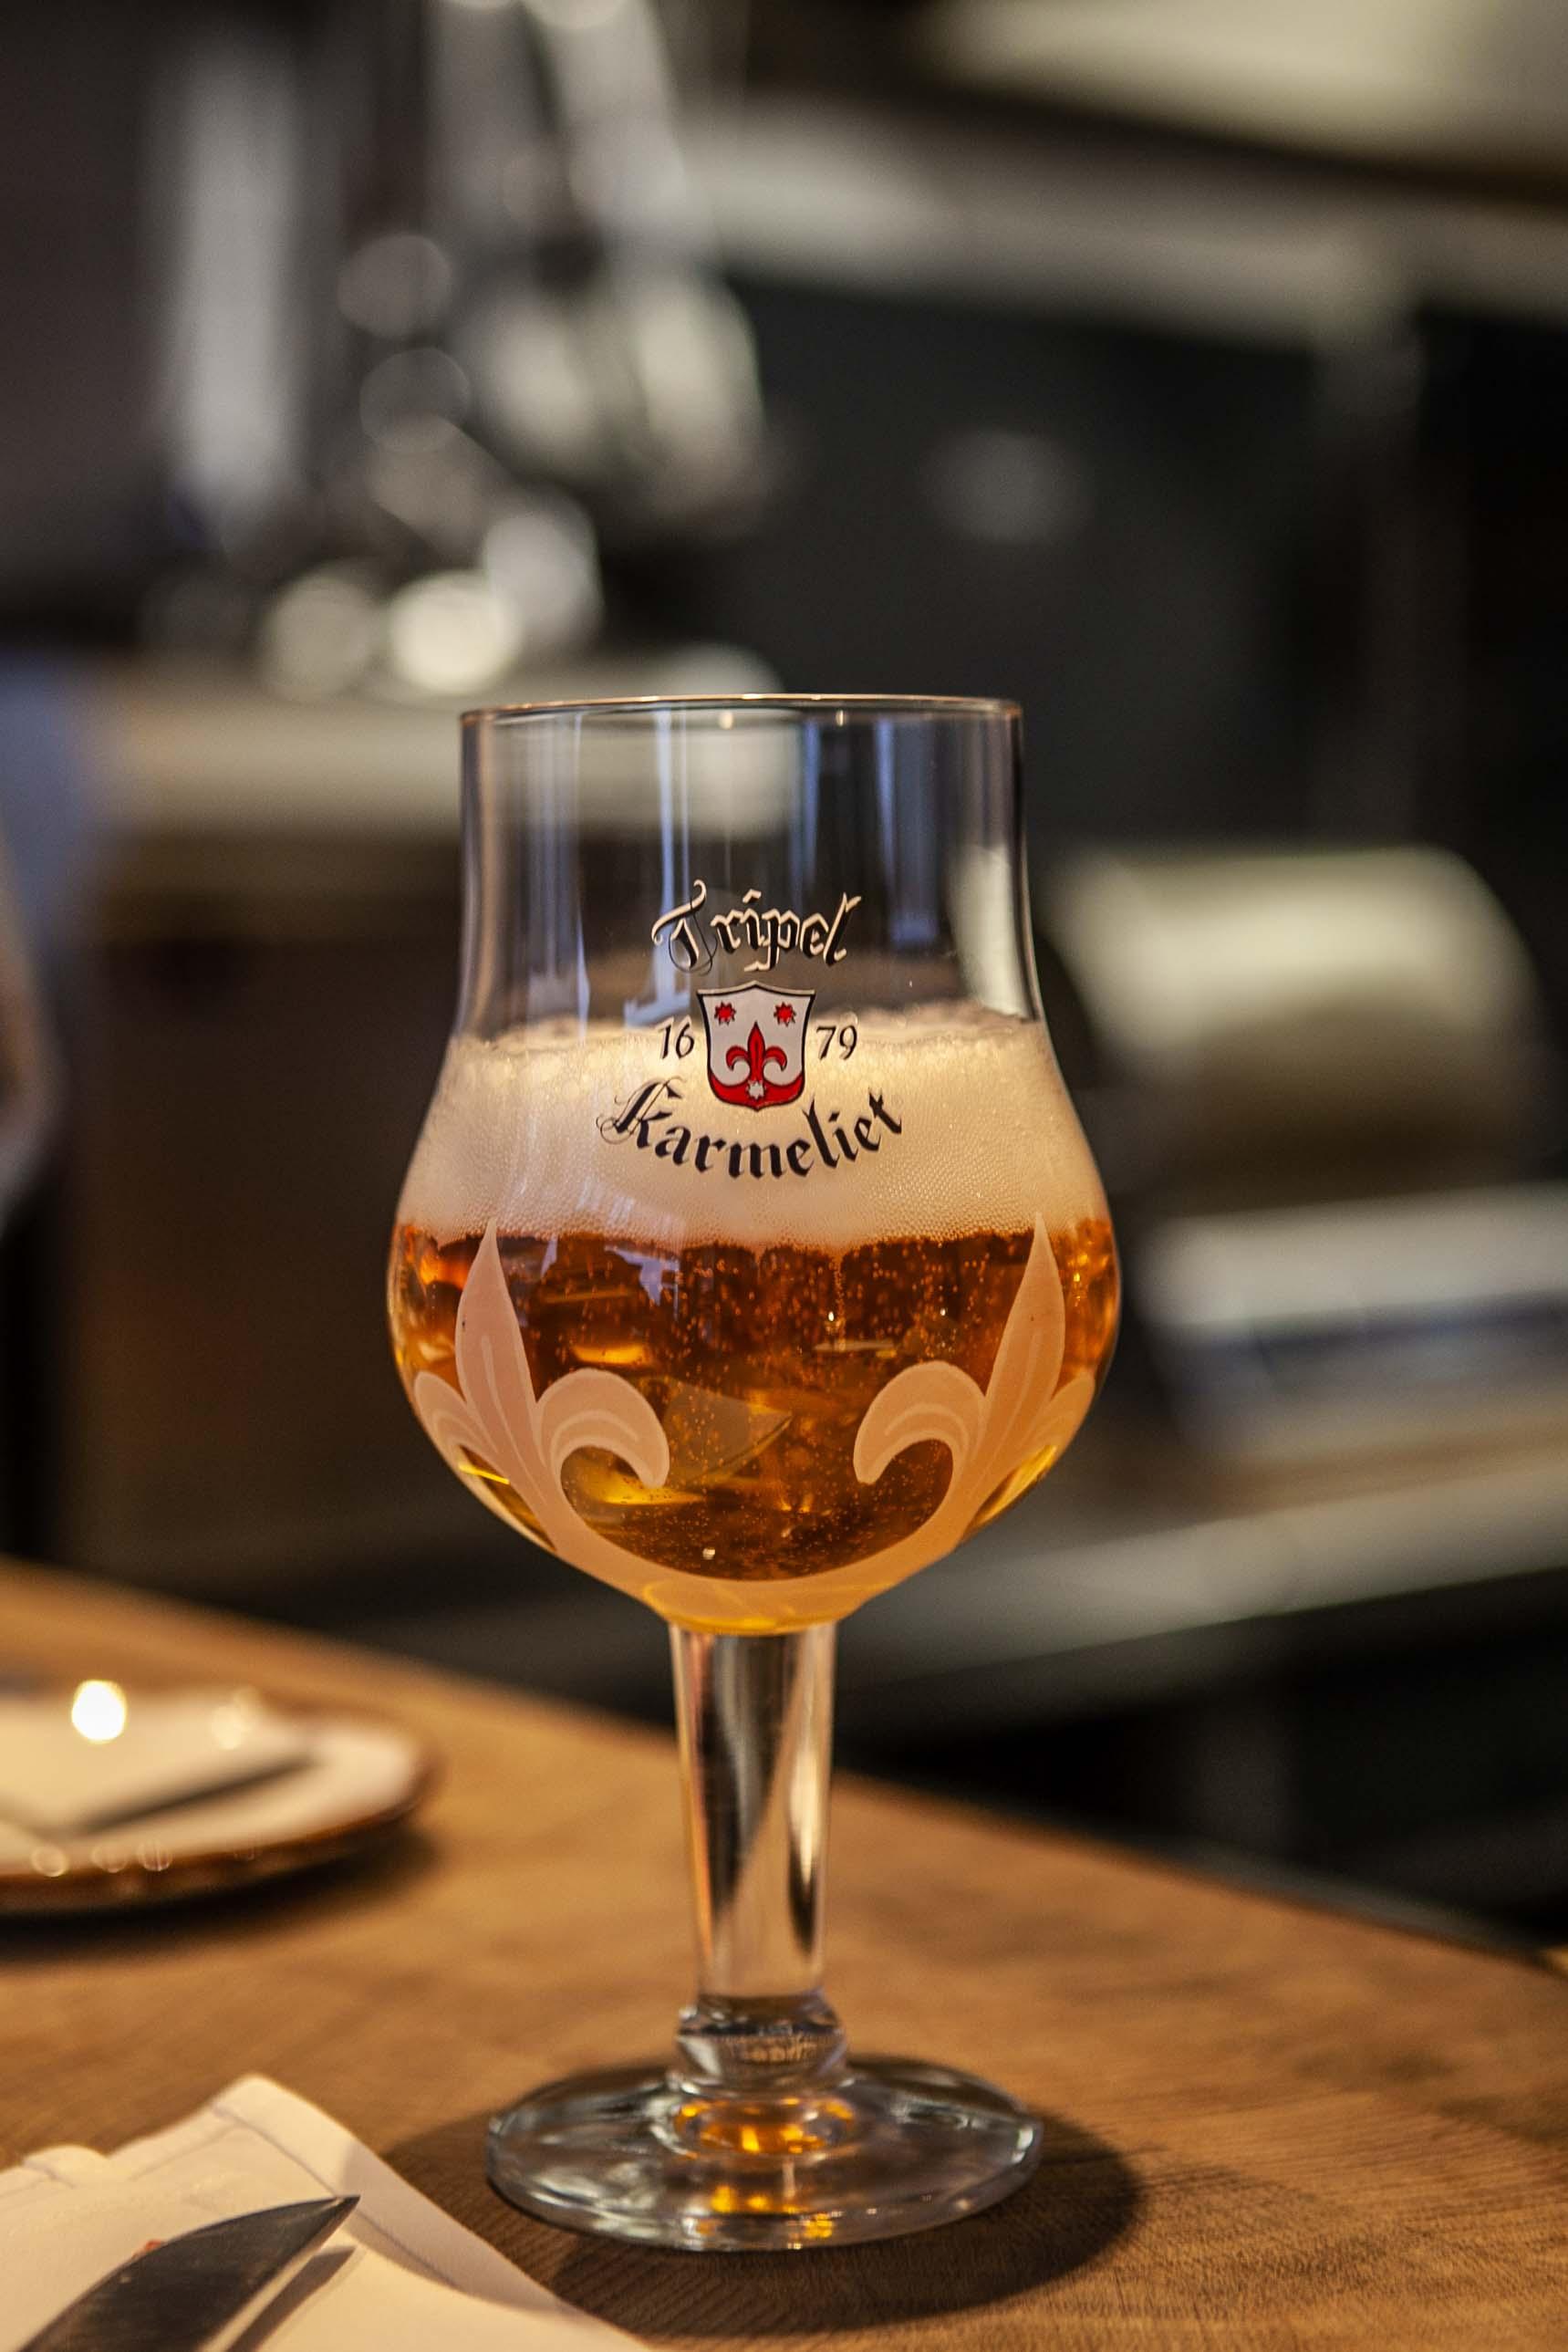 bier karmeliet-23.jpg